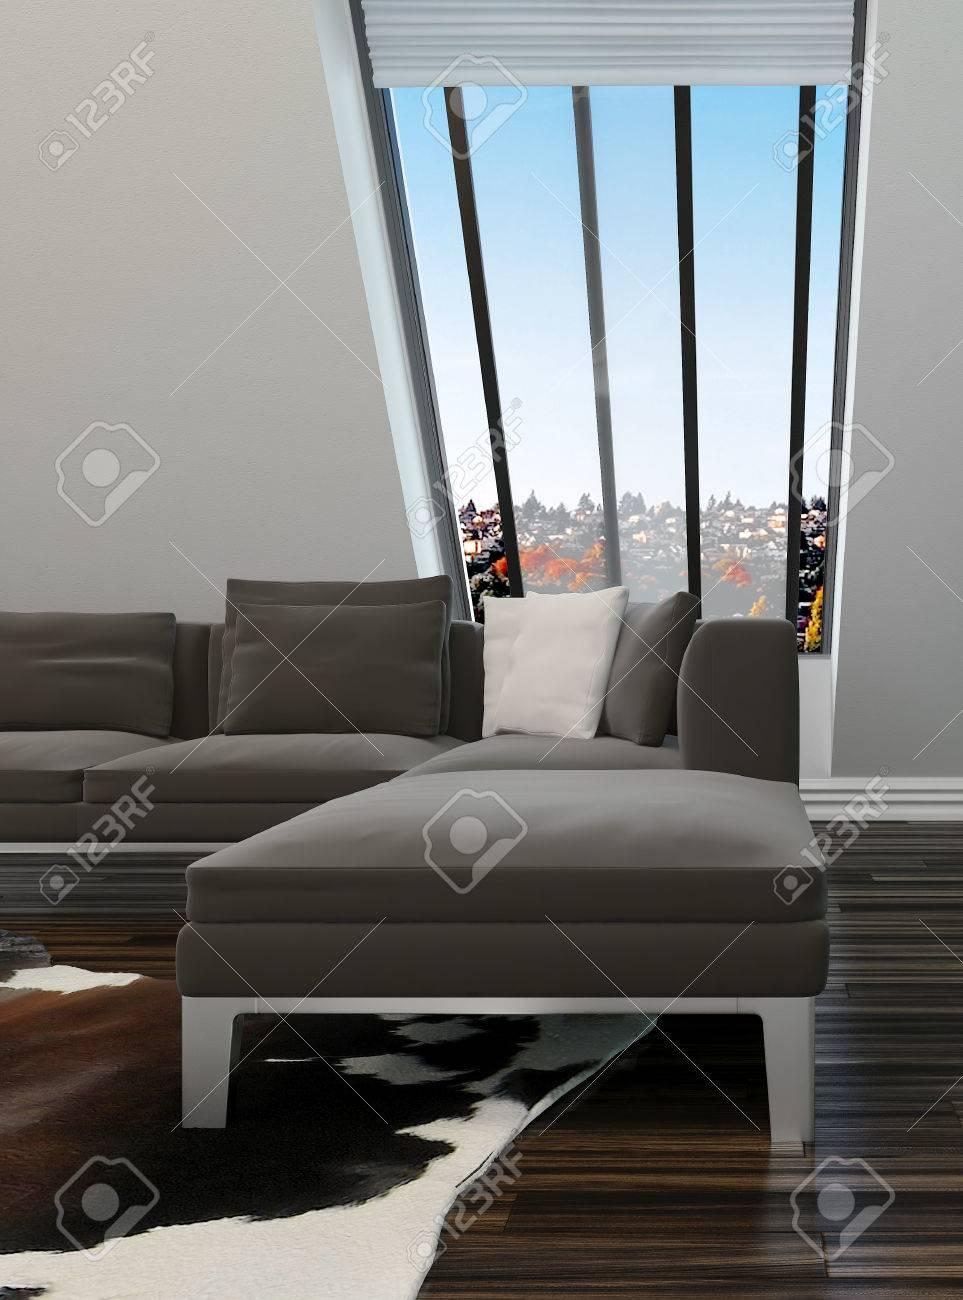 Salon Moderne Decoration Interieure Avec Un Mur En Pente Avec Des Fenetres Suite Salon Contemporain Et Du Parquet